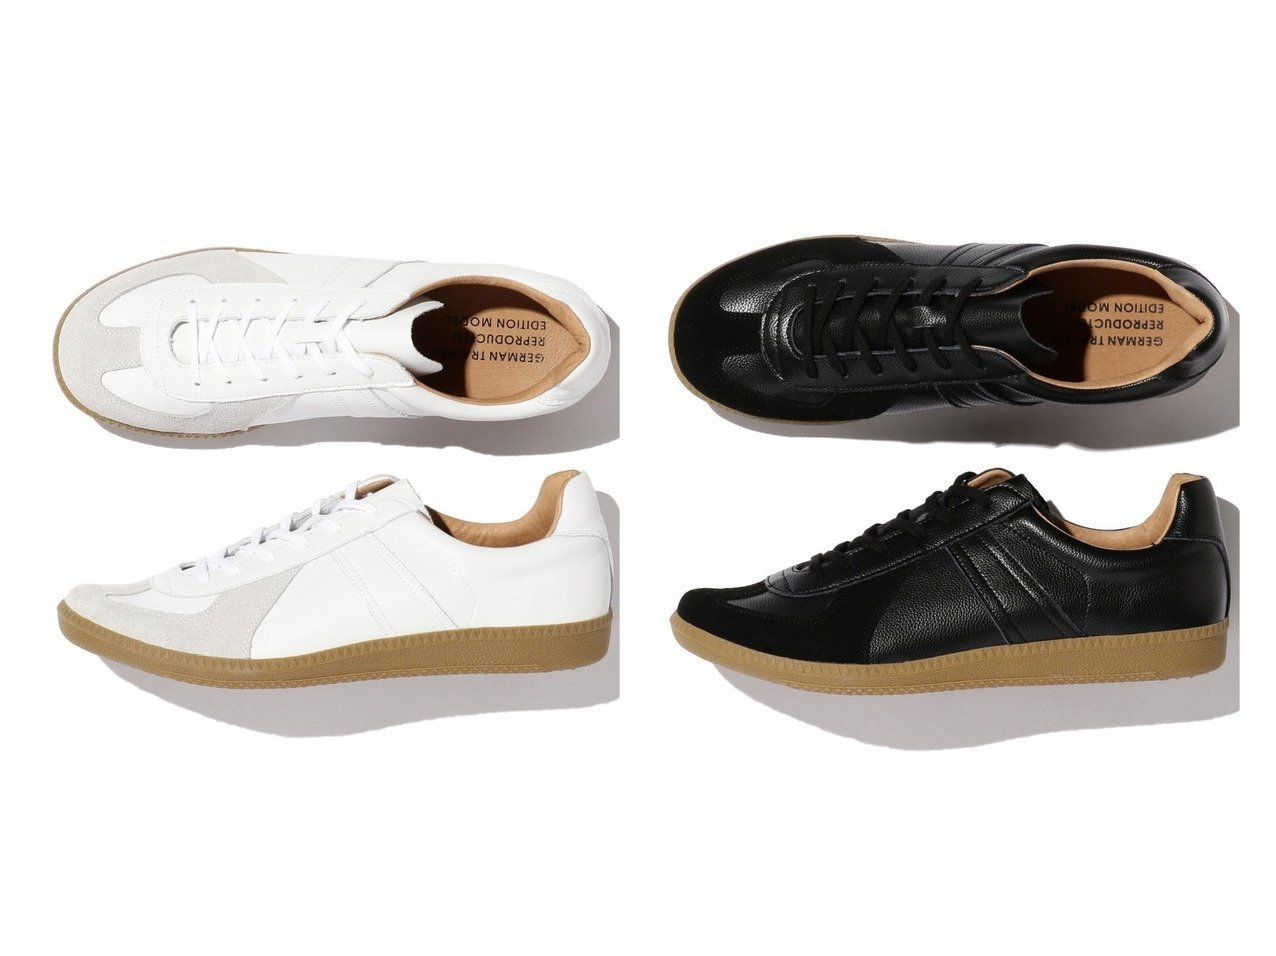 【B:MING LIFE STORE / MEN/ビーミングライフストア】のREPRO 【MEN】男性のおすすめ!人気、メンズファッションの通販 おすすめで人気のファッション通販商品 インテリア・家具・キッズファッション・メンズファッション・レディースファッション・服の通販 founy(ファニー) https://founy.com/ ファッション Fashion メンズ MEN シューズ・靴 Shoes Men スニーカー Sneakers クッション シューズ スニーカー スリッポン ミリタリー モダン |ID:crp329100000003918